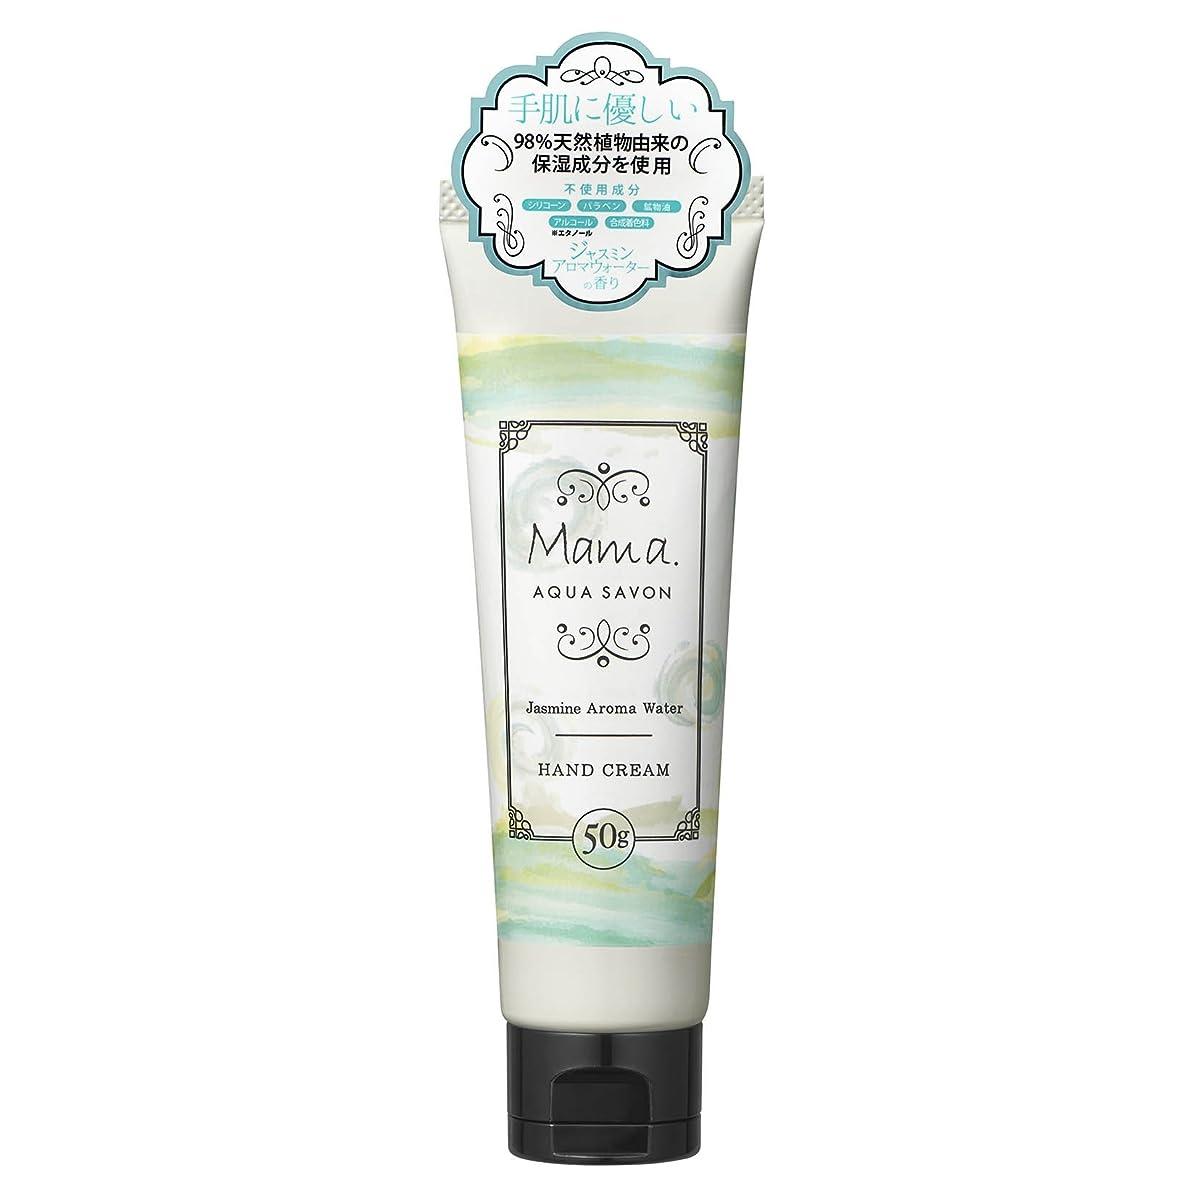 寝室いらいらするスイングママアクアシャボン ハンドクリーム ジャスミンアロマウォーターの香り 50g